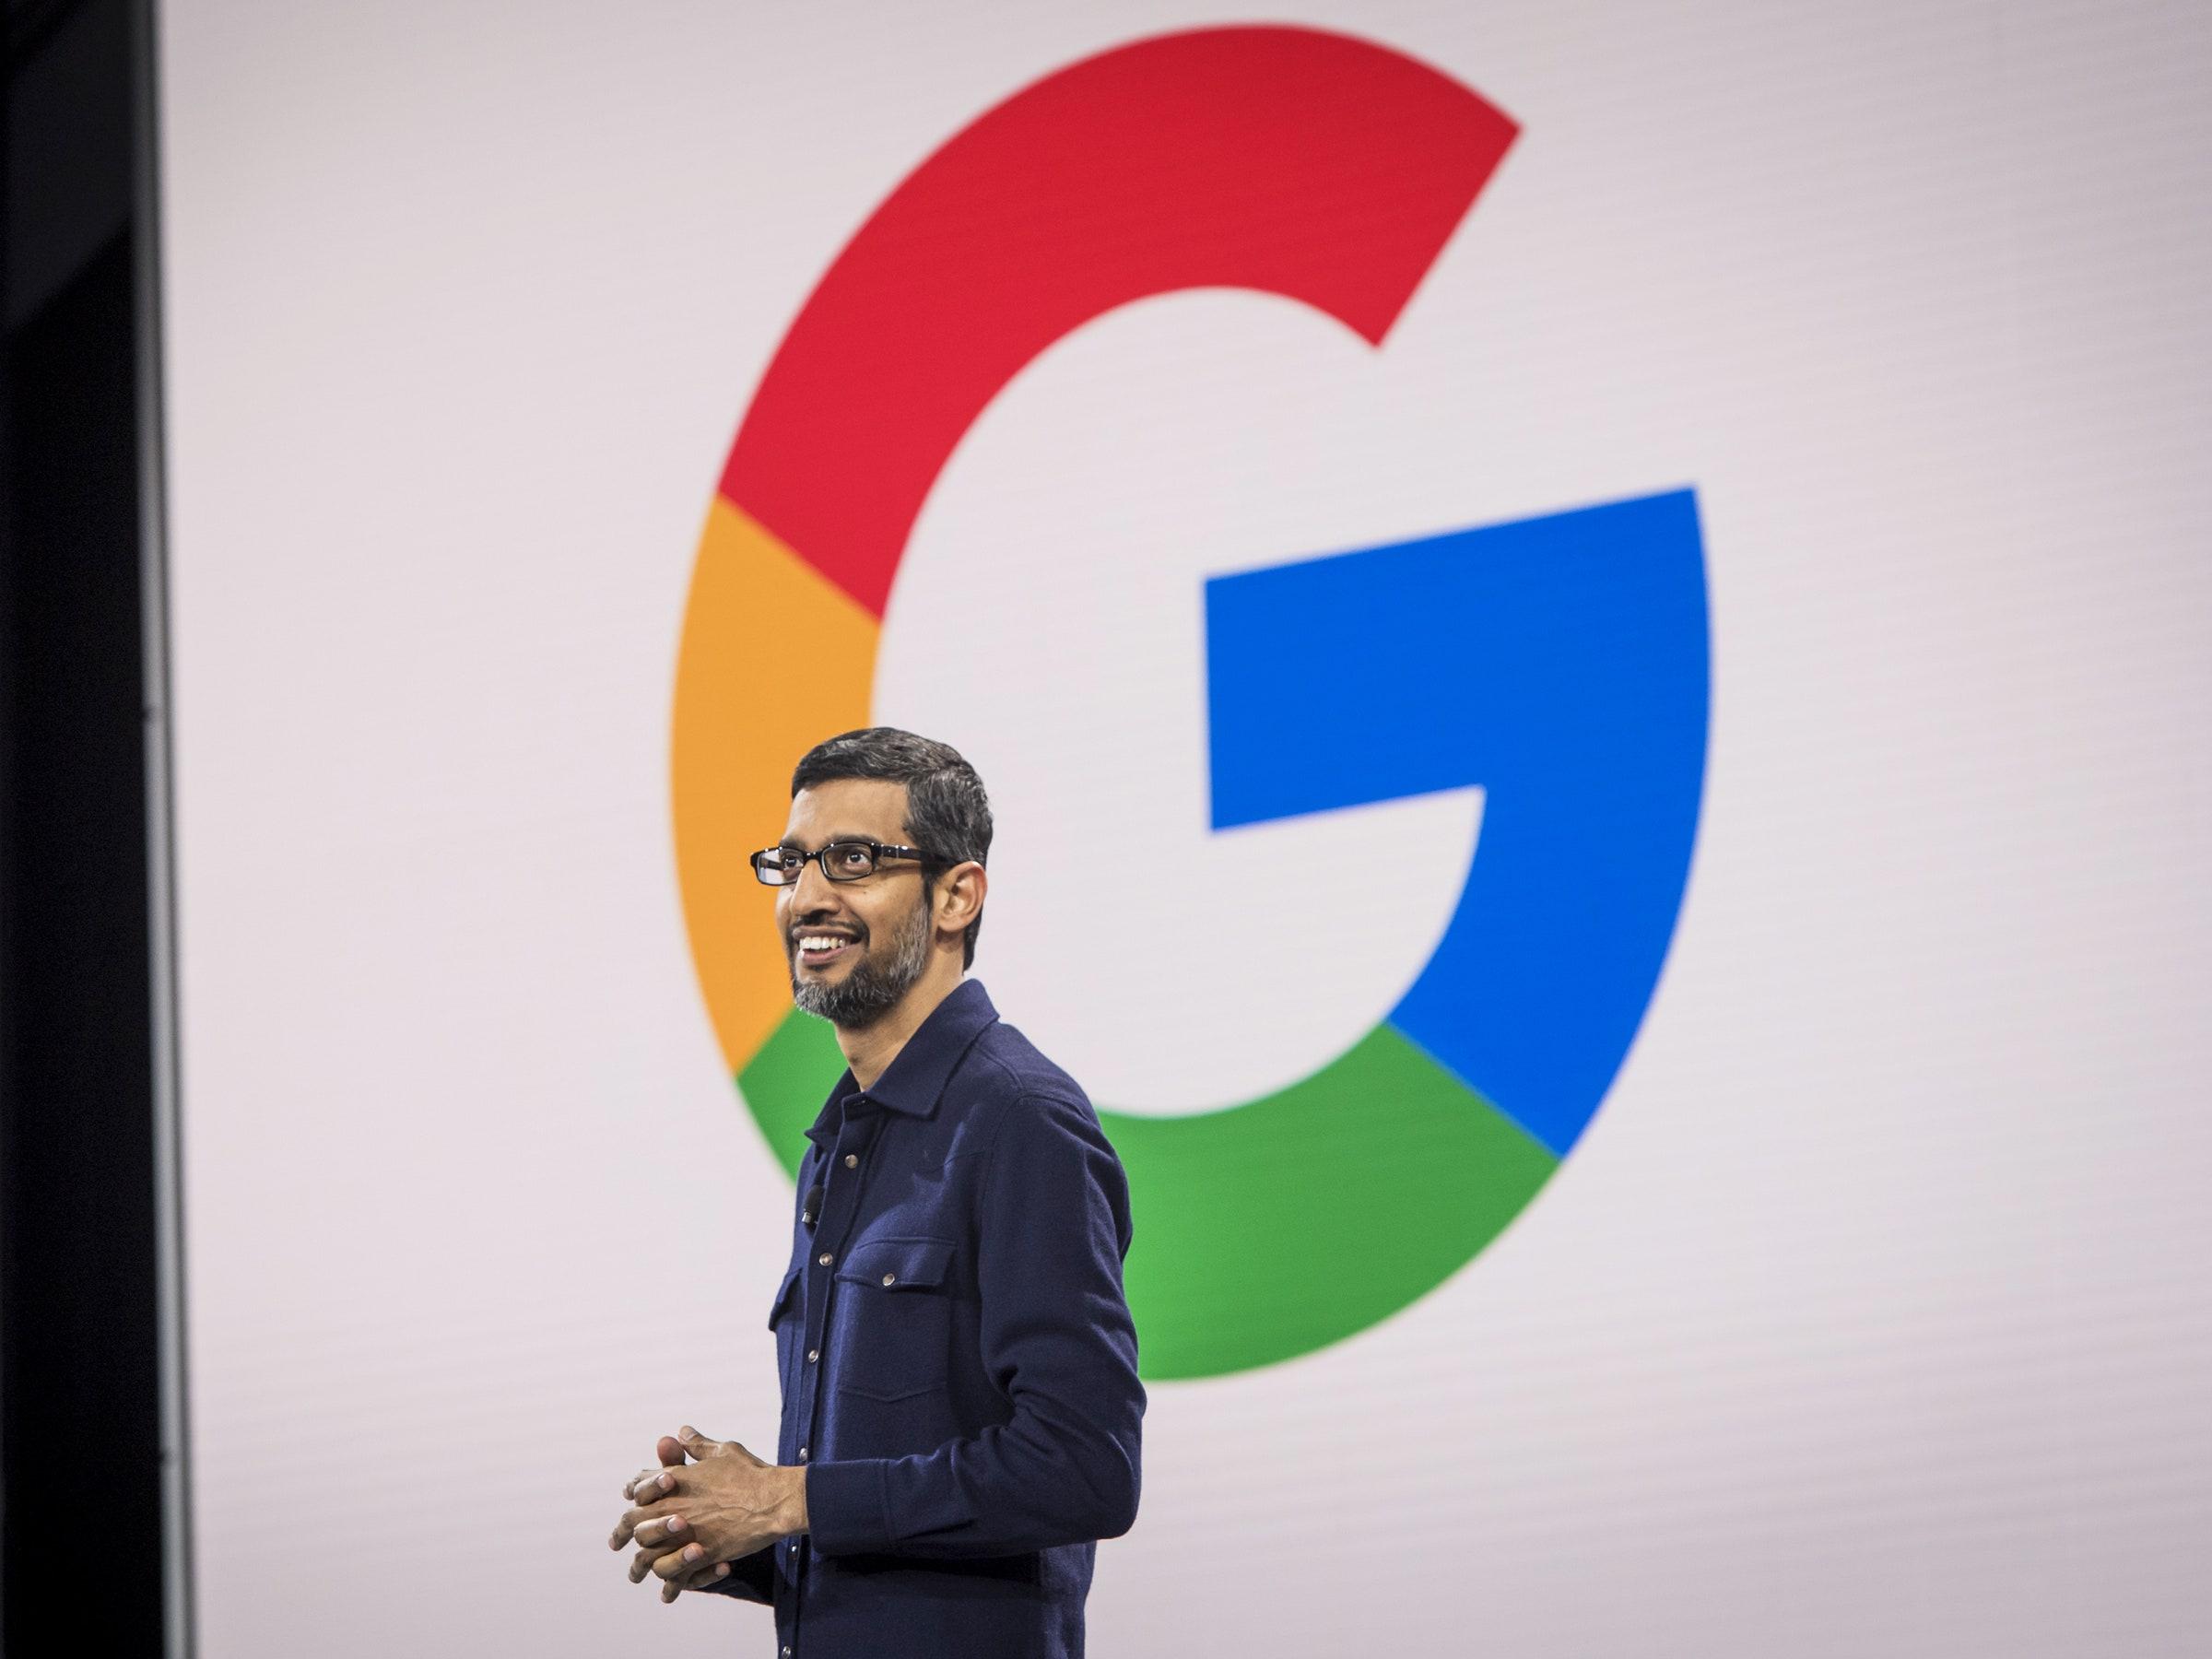 Google veut que le monde soit plus respectueux de l'environnement avec les voyages, l'énergie et IA